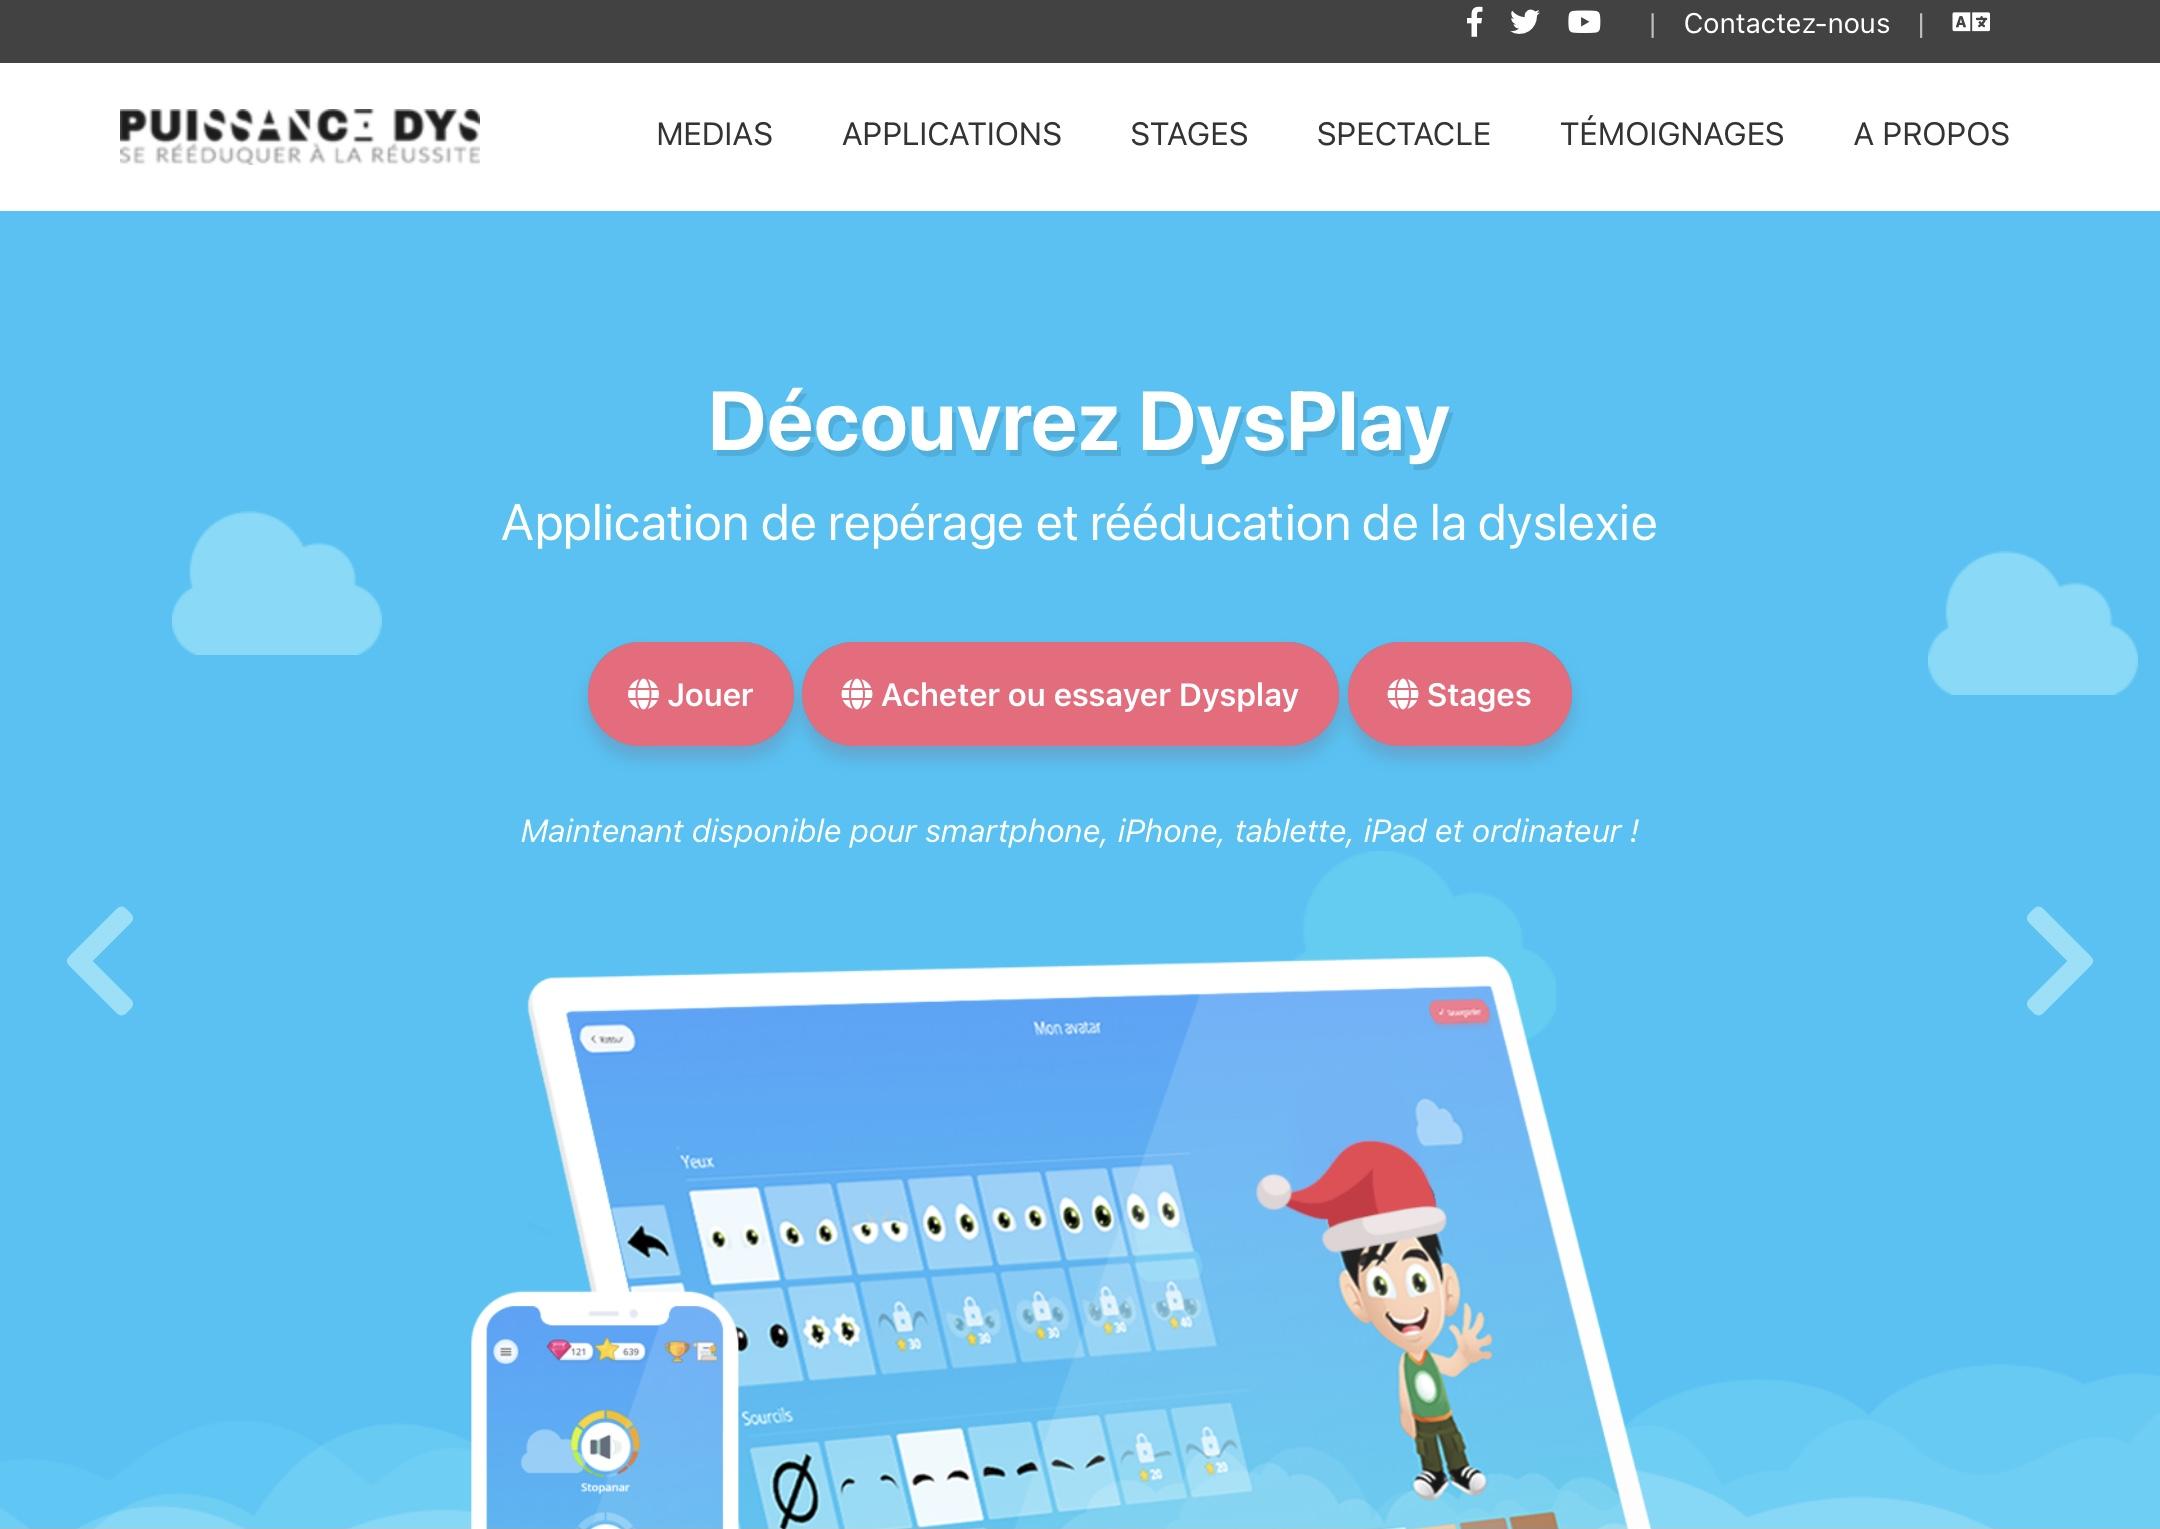 Site Web Puissance DYS